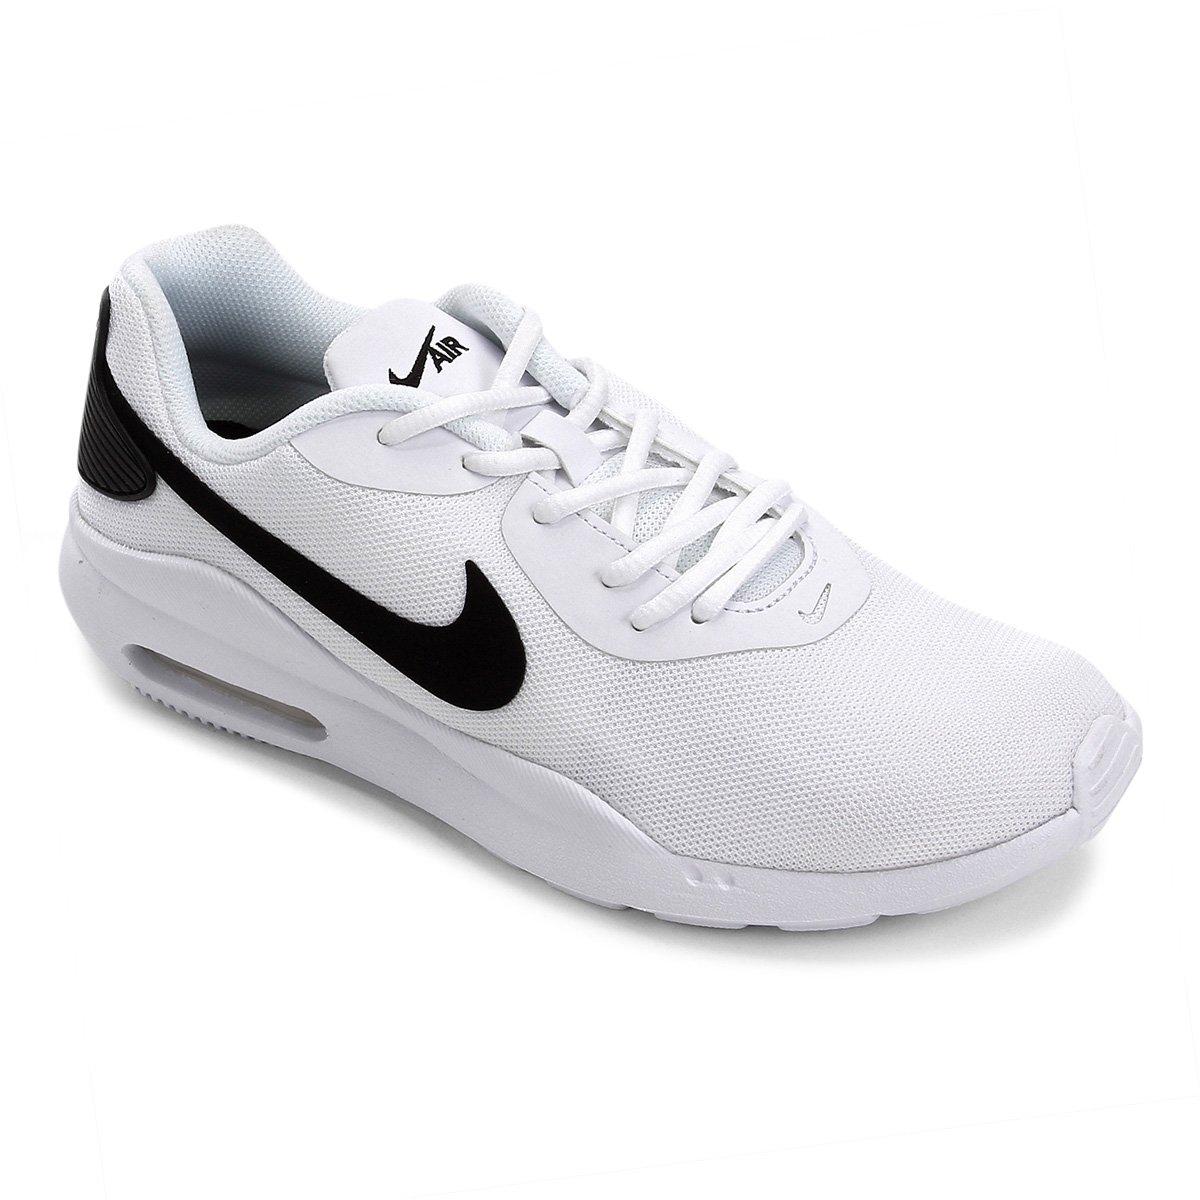 62903d132 Tênis Nike Air Max Oketo Masculino - Branco e Preto - Compre Agora ...